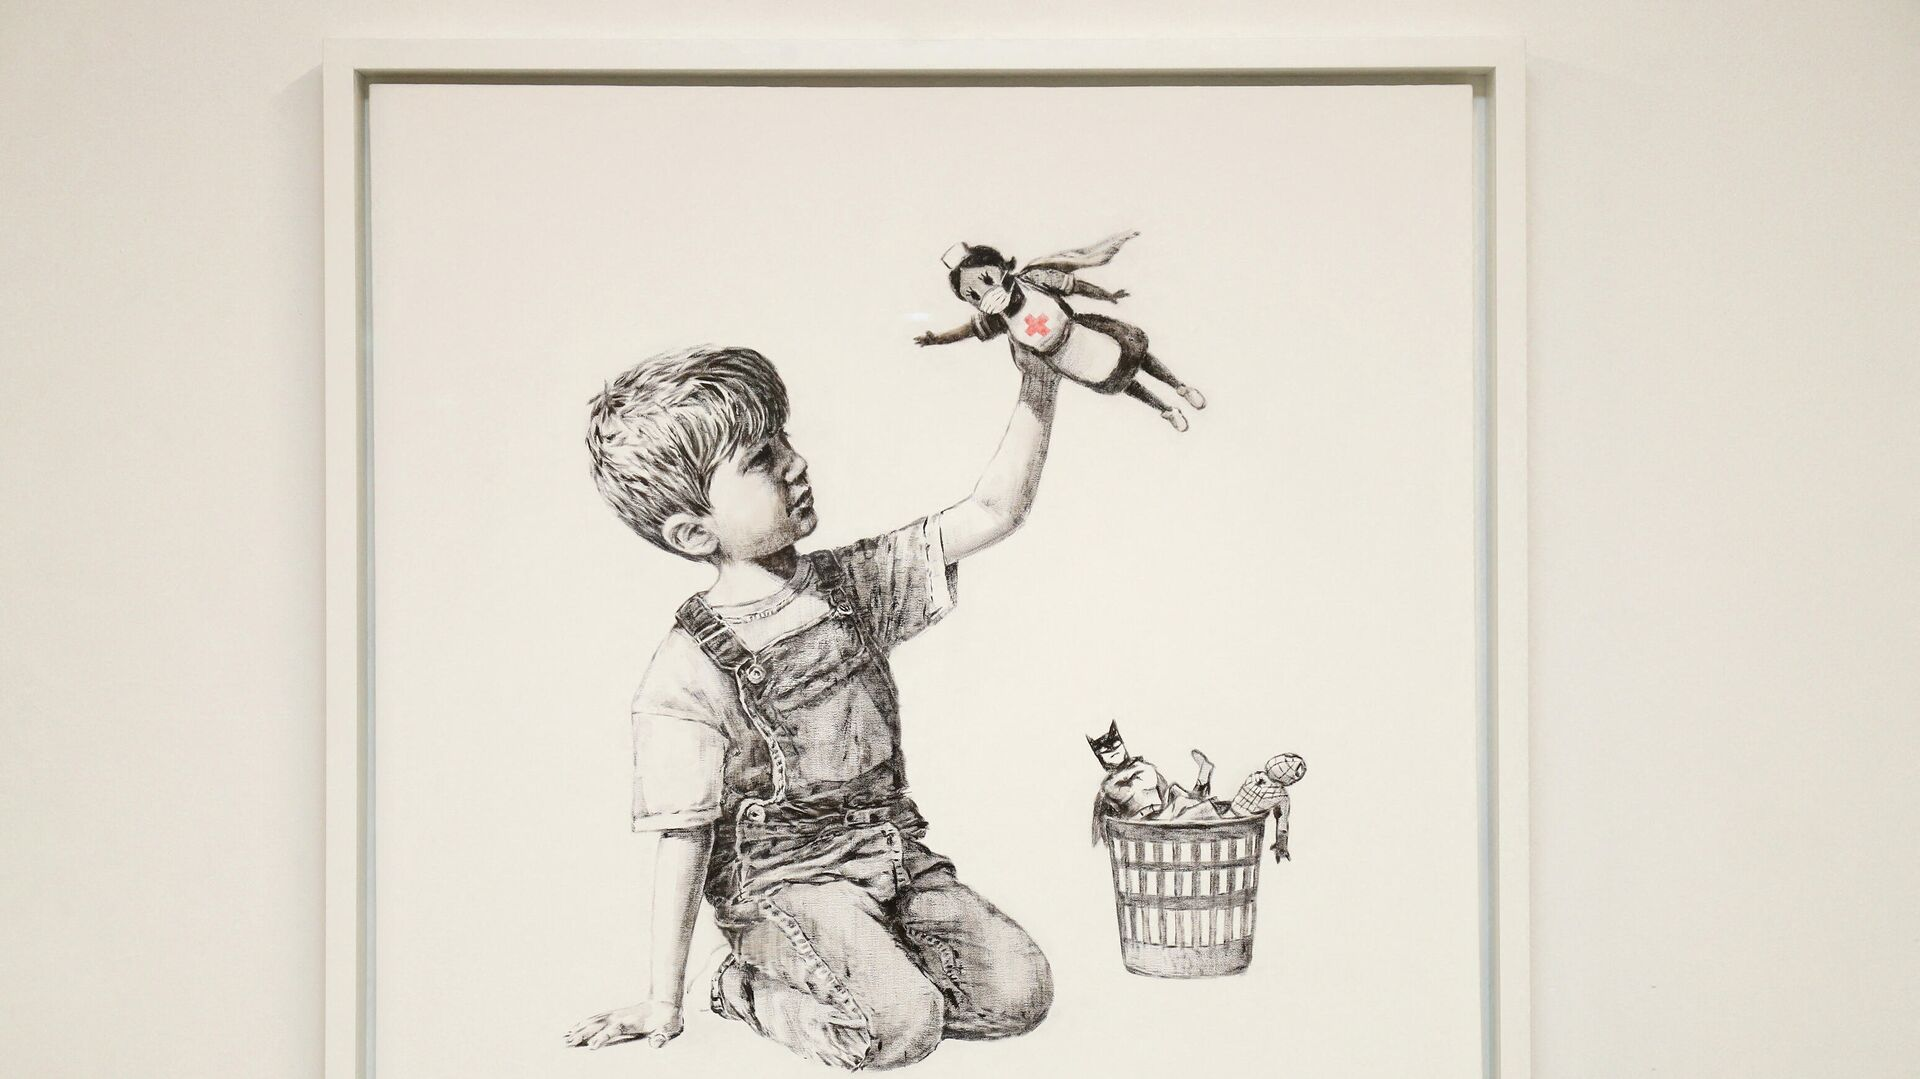 La obra Game Changer (Cambiador de juego) de Banksy - Sputnik Mundo, 1920, 23.03.2021